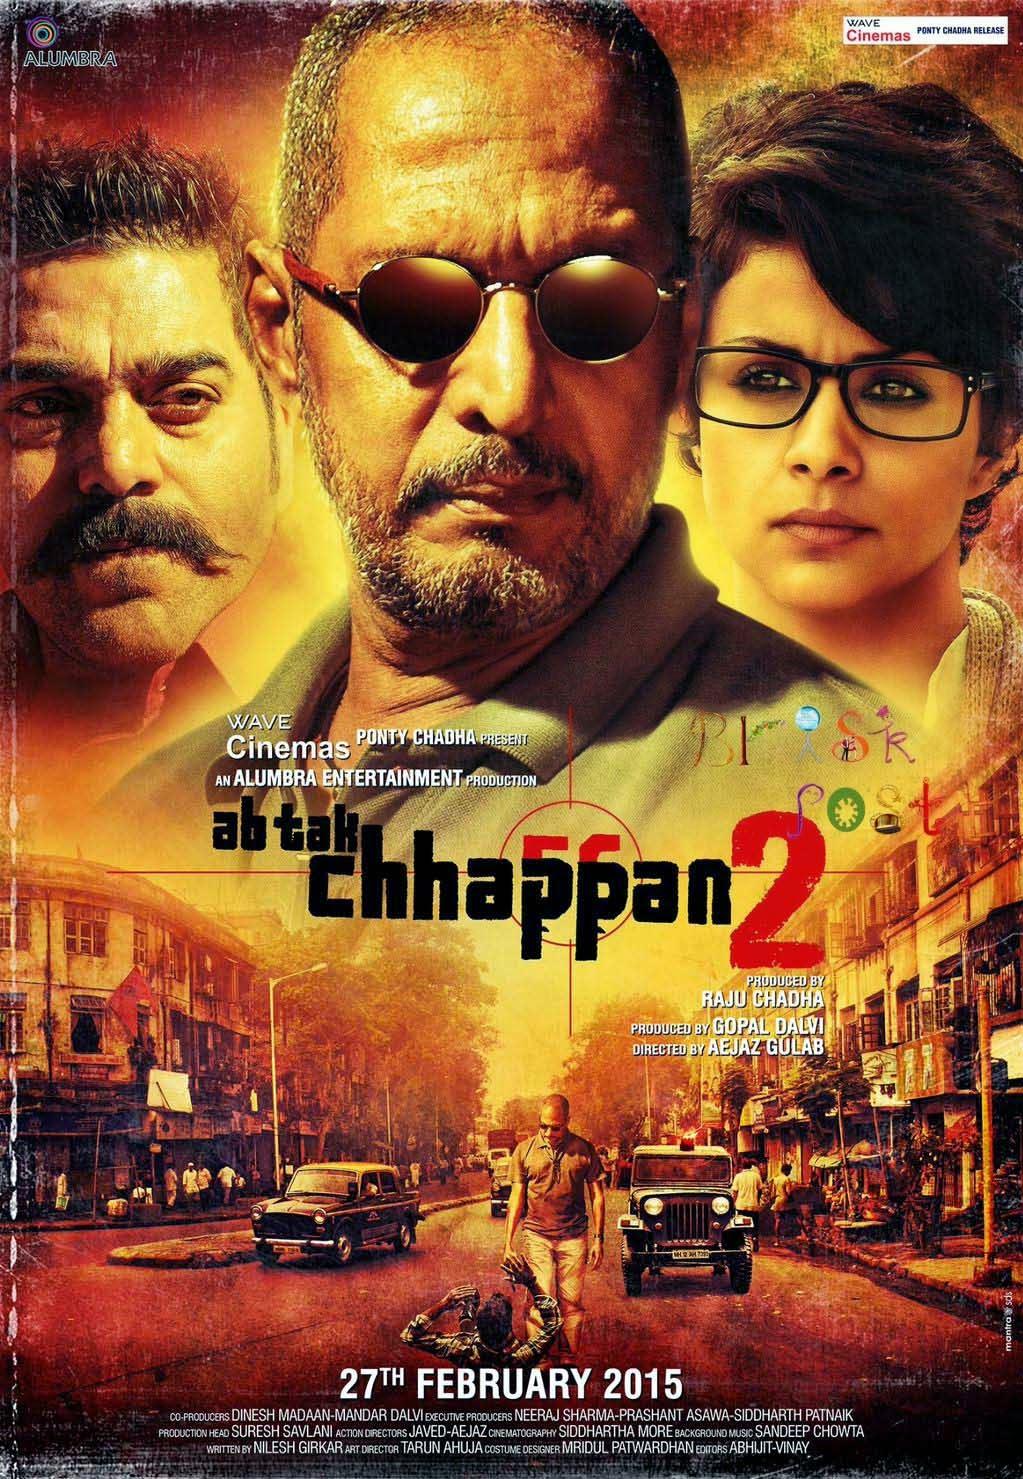 Ashutosh Rana, Nana Patekar and Gul Panag in Ab Tak Chhappan 2 movie Poster